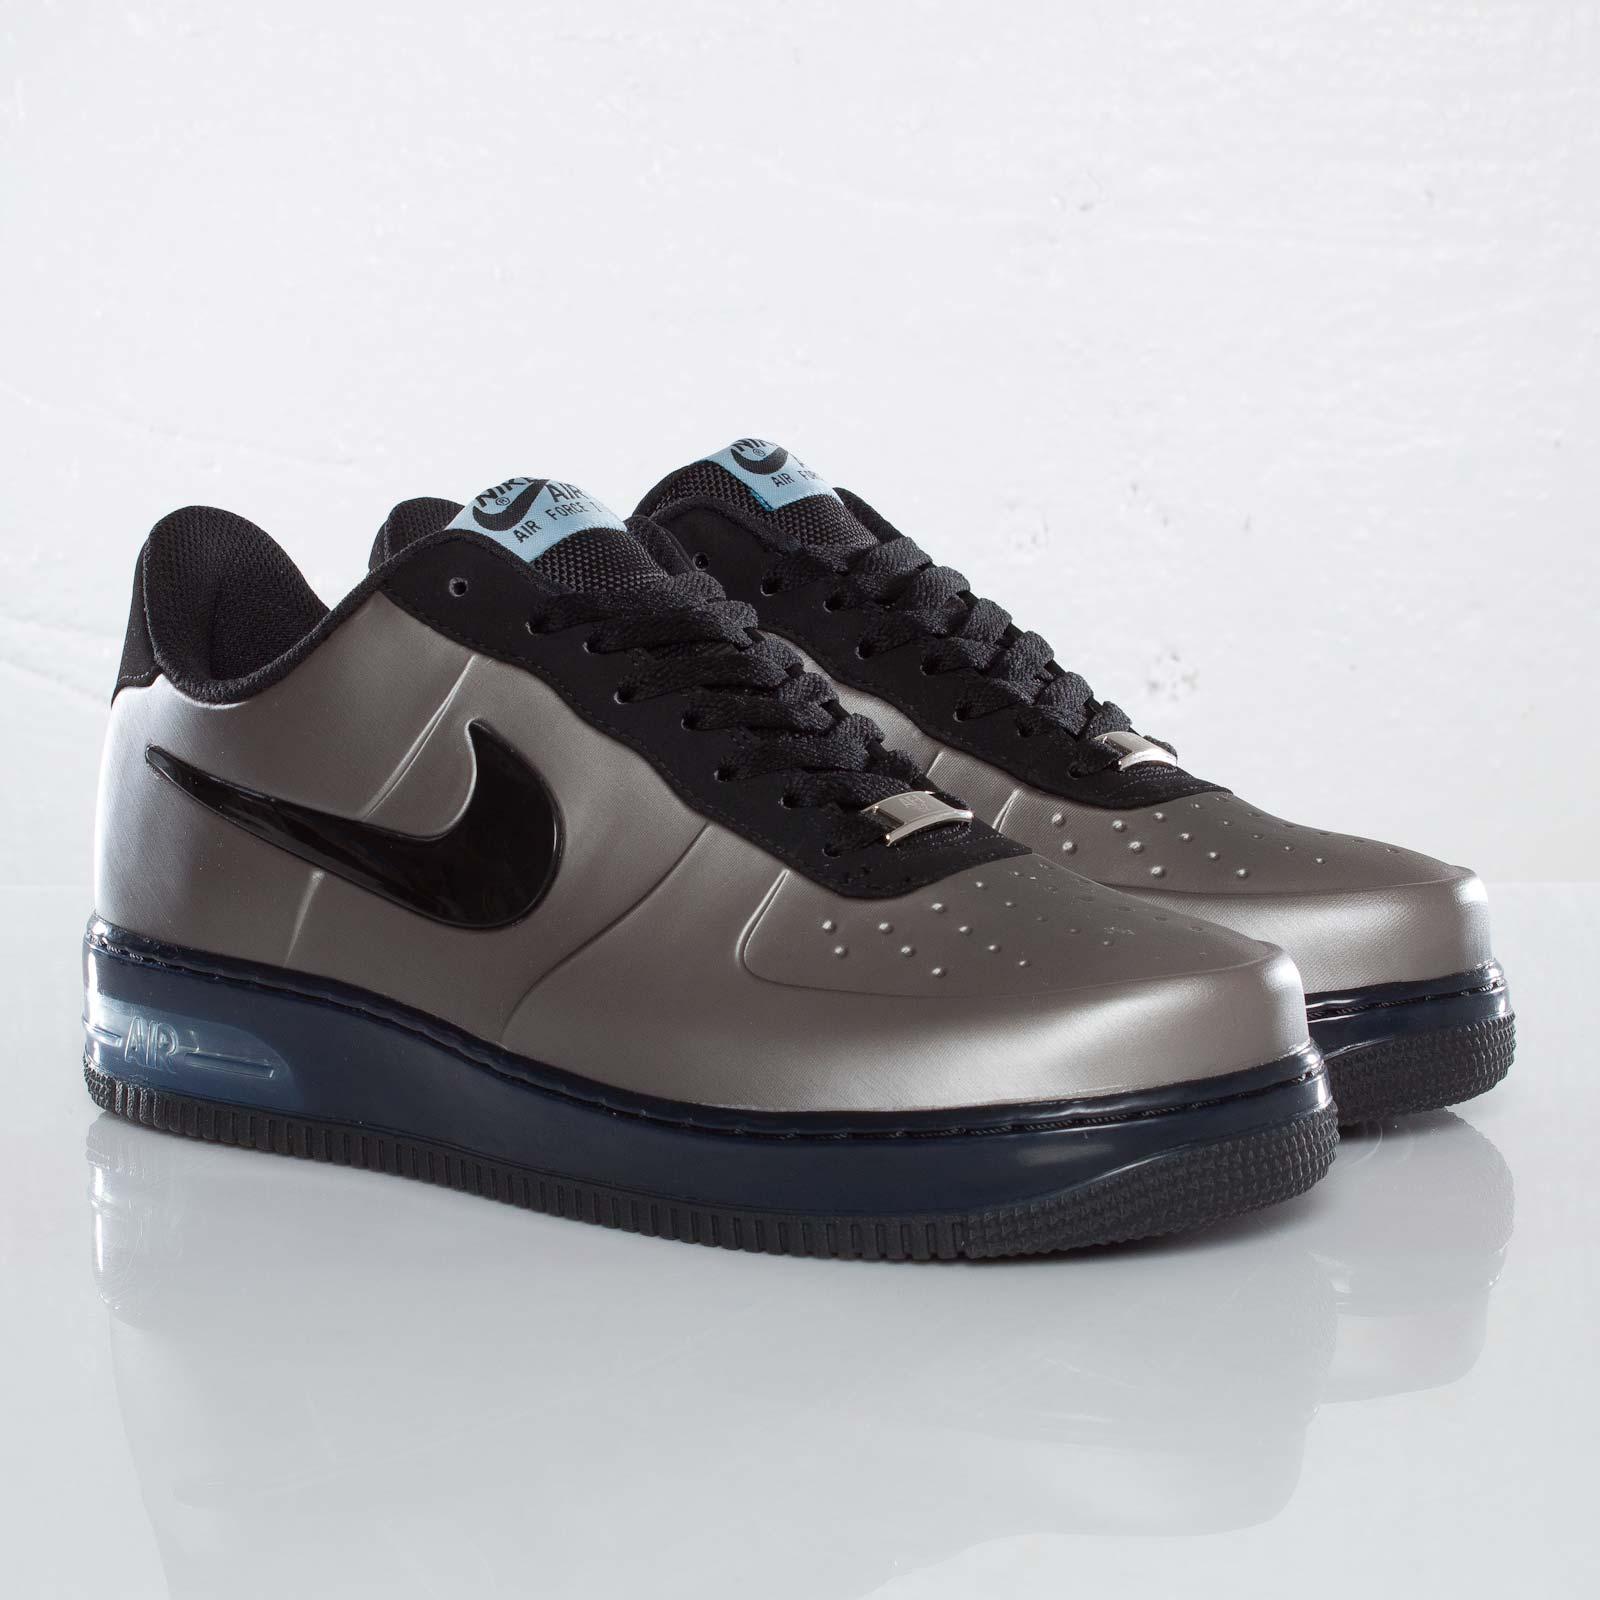 3309eefa83f9e Nike Air Force 1 Foamposite Pro Low - 532461-001 - Sneakersnstuff ...